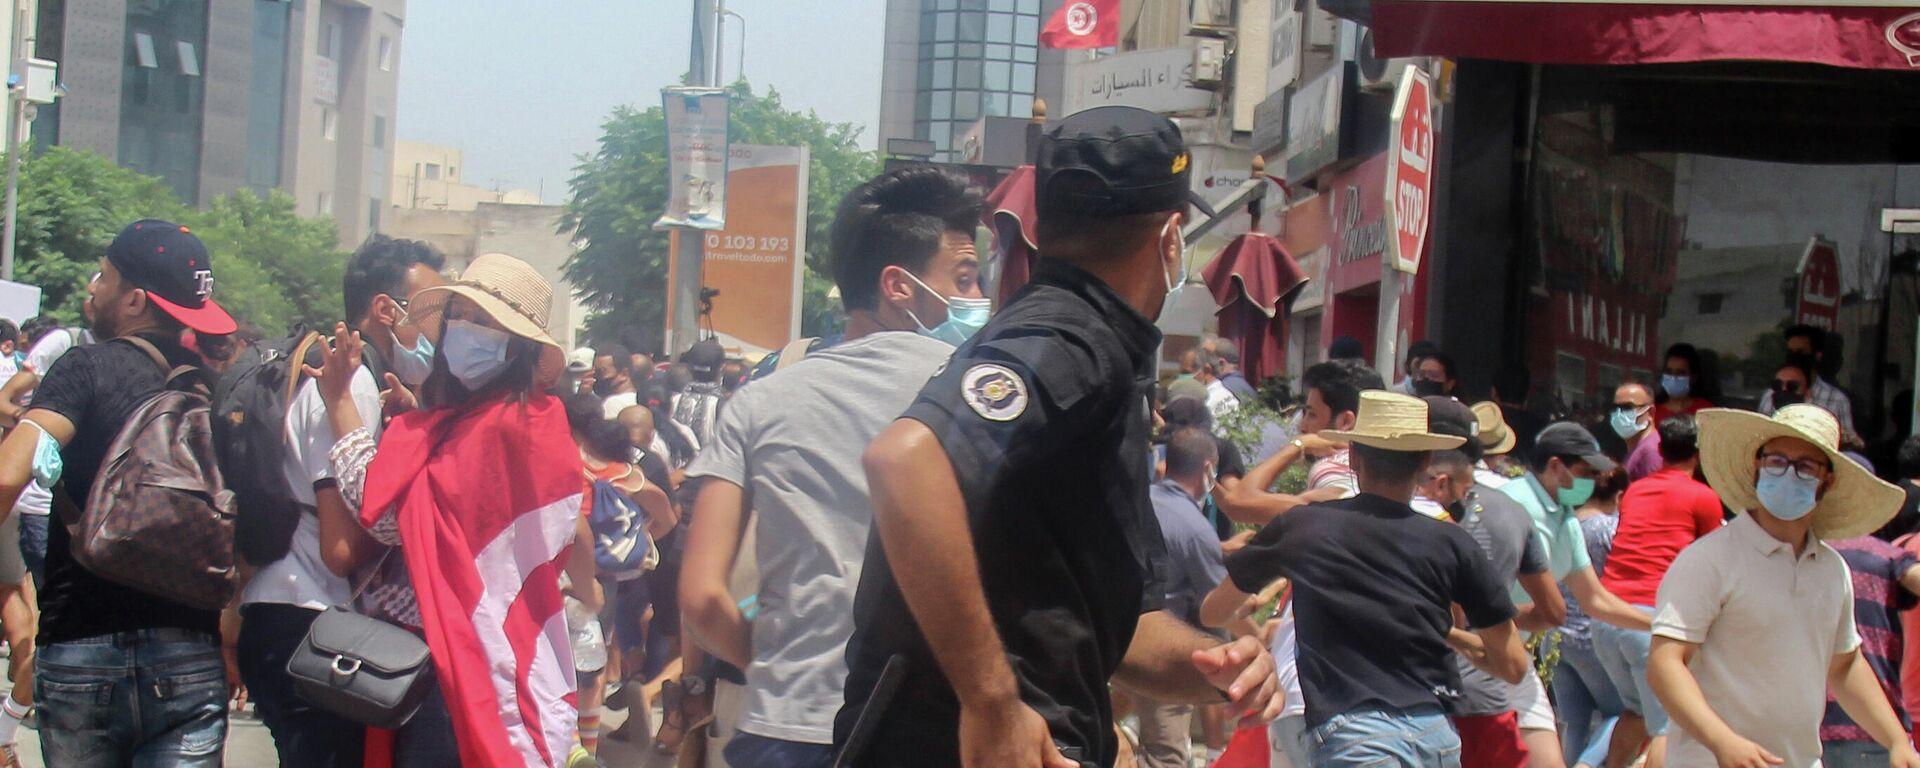 Protesti u Tunisu - Sputnik Srbija, 1920, 26.07.2021